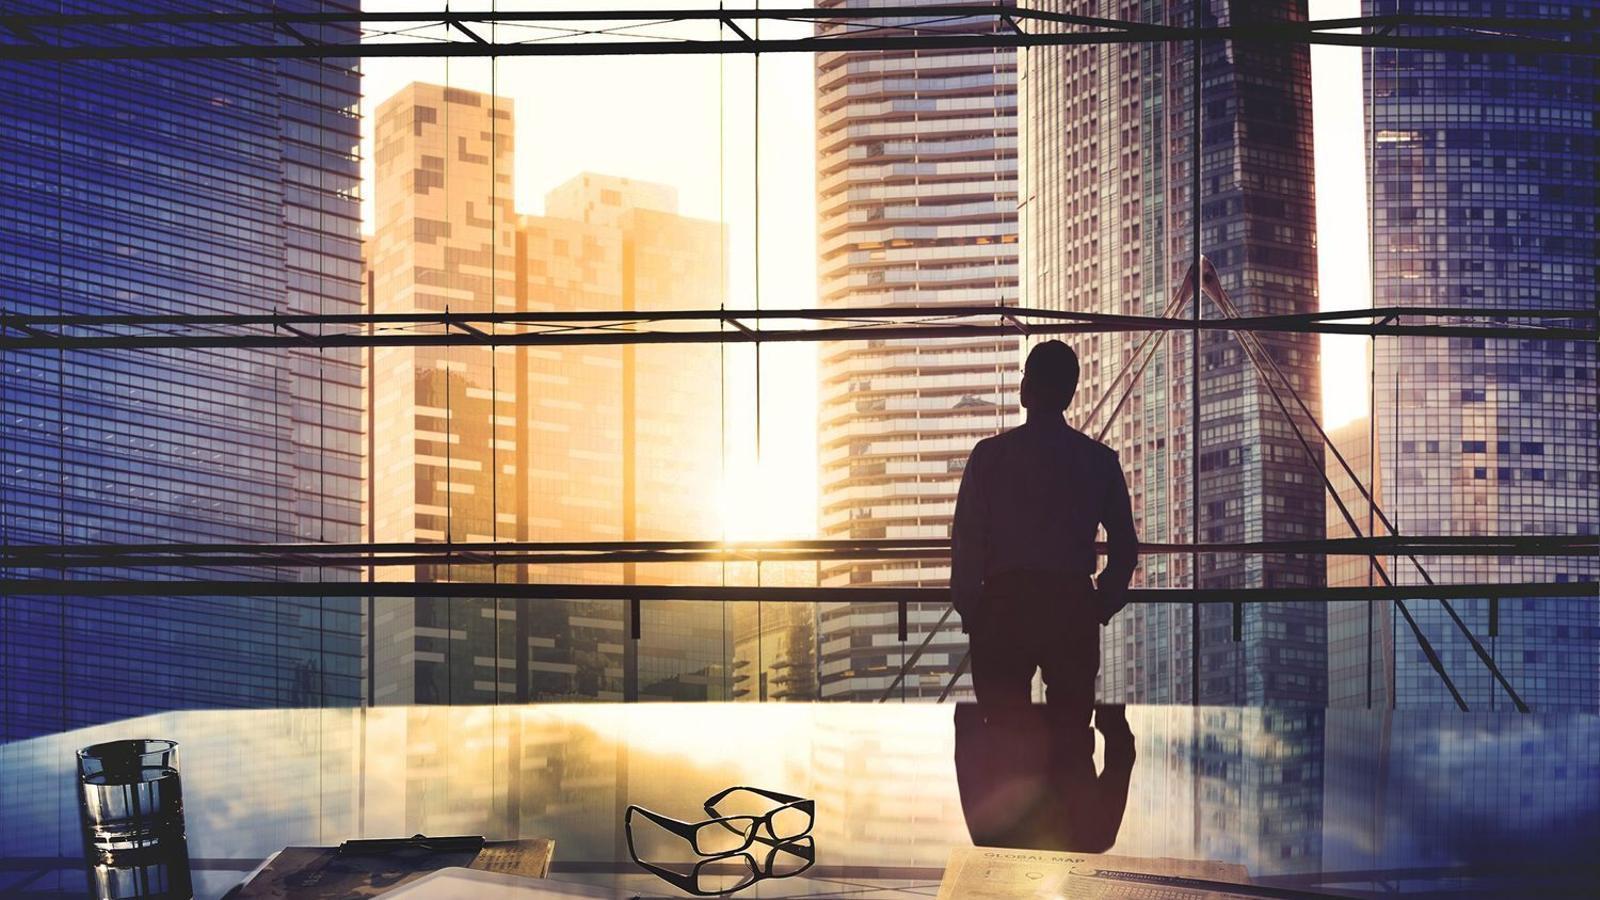 Líder a la feina, líder a la vida personal